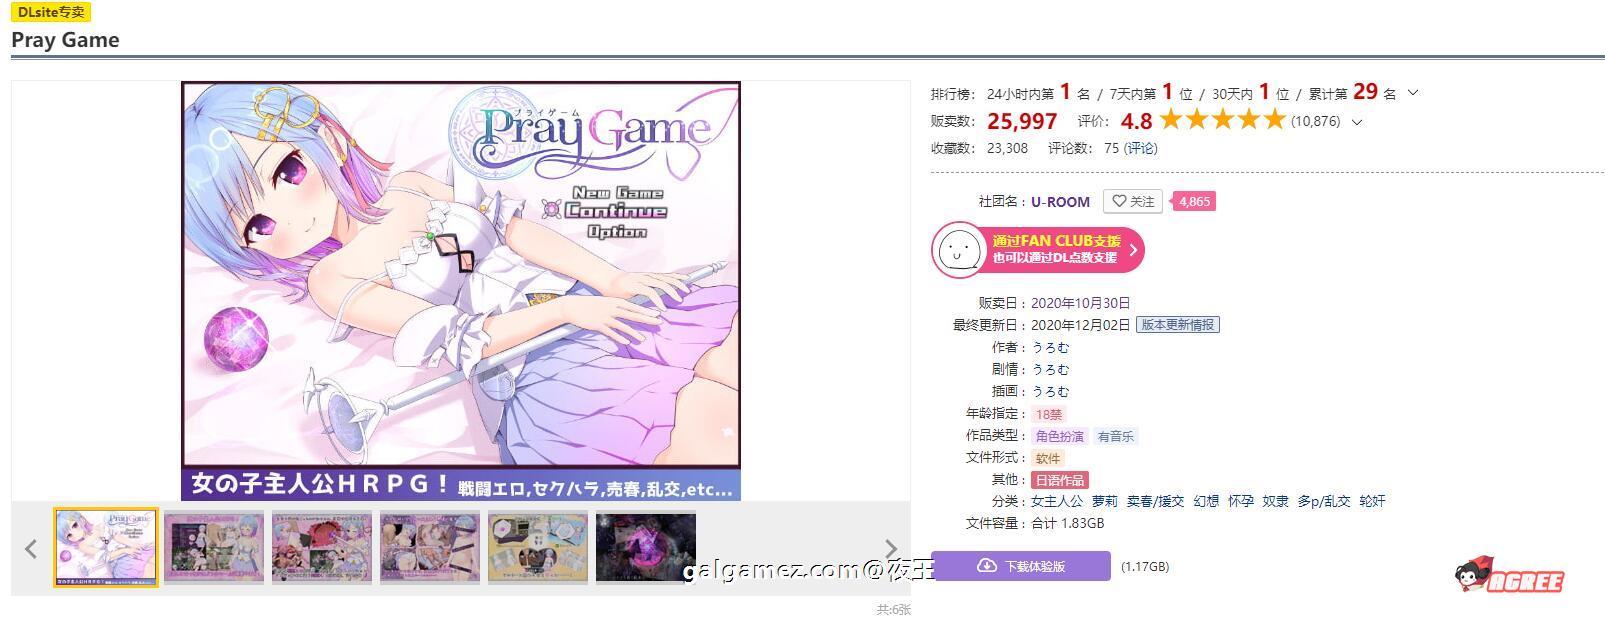 [超爆热RPG/汉化/动态]魔法少女之祈祷游戏!V2御光精翻汉化版+CG[PC+安卓/5G] 2